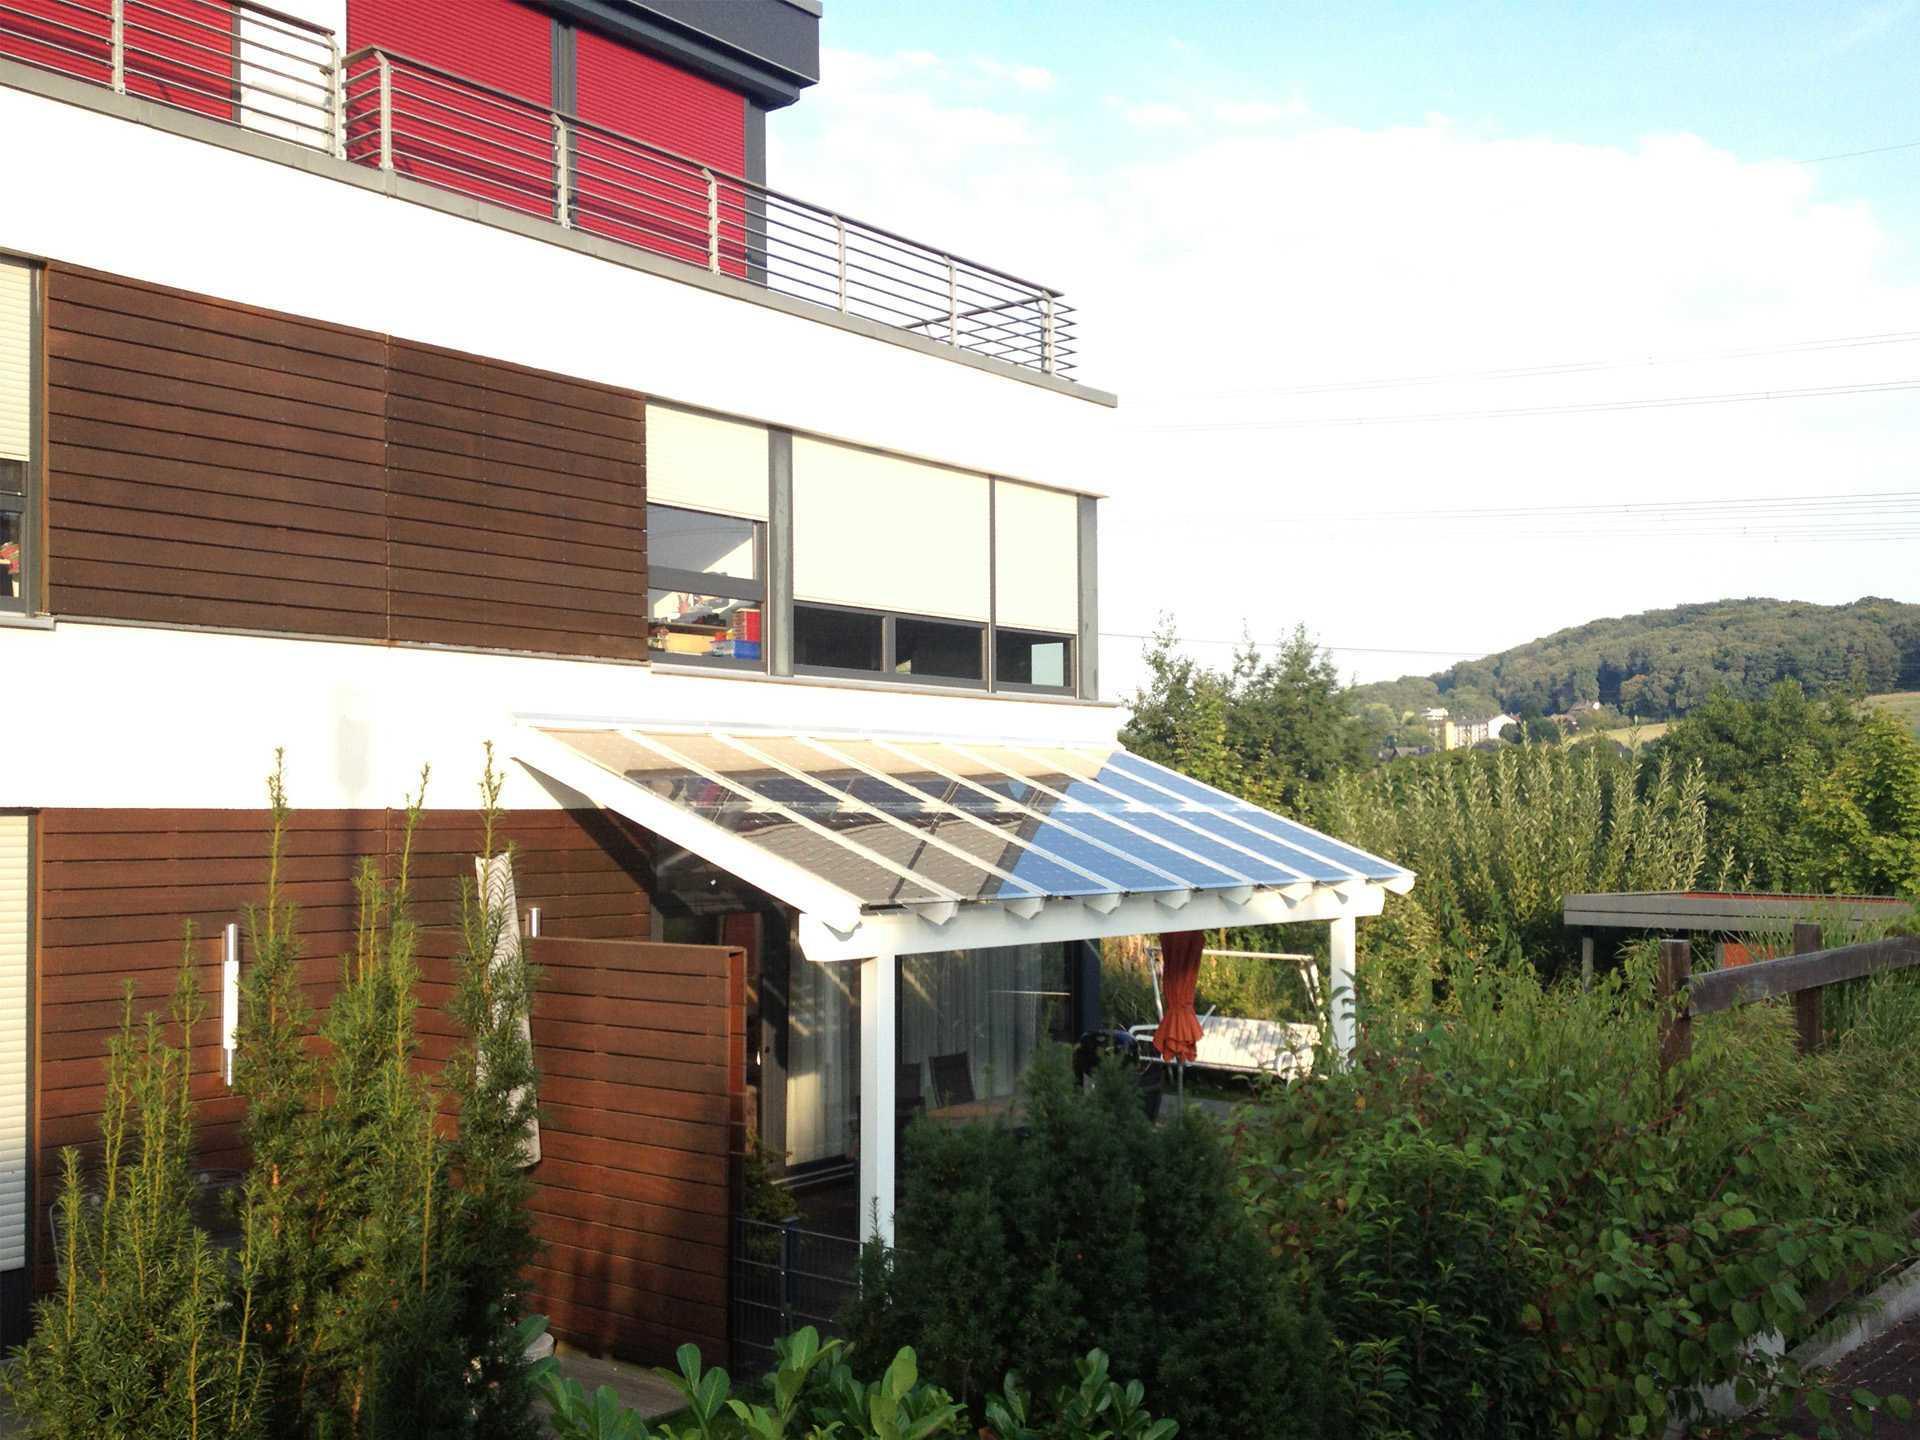 Elegant Solarterrassen Collection Of Aussenansicht 3 Solarterrasse Premium. 3